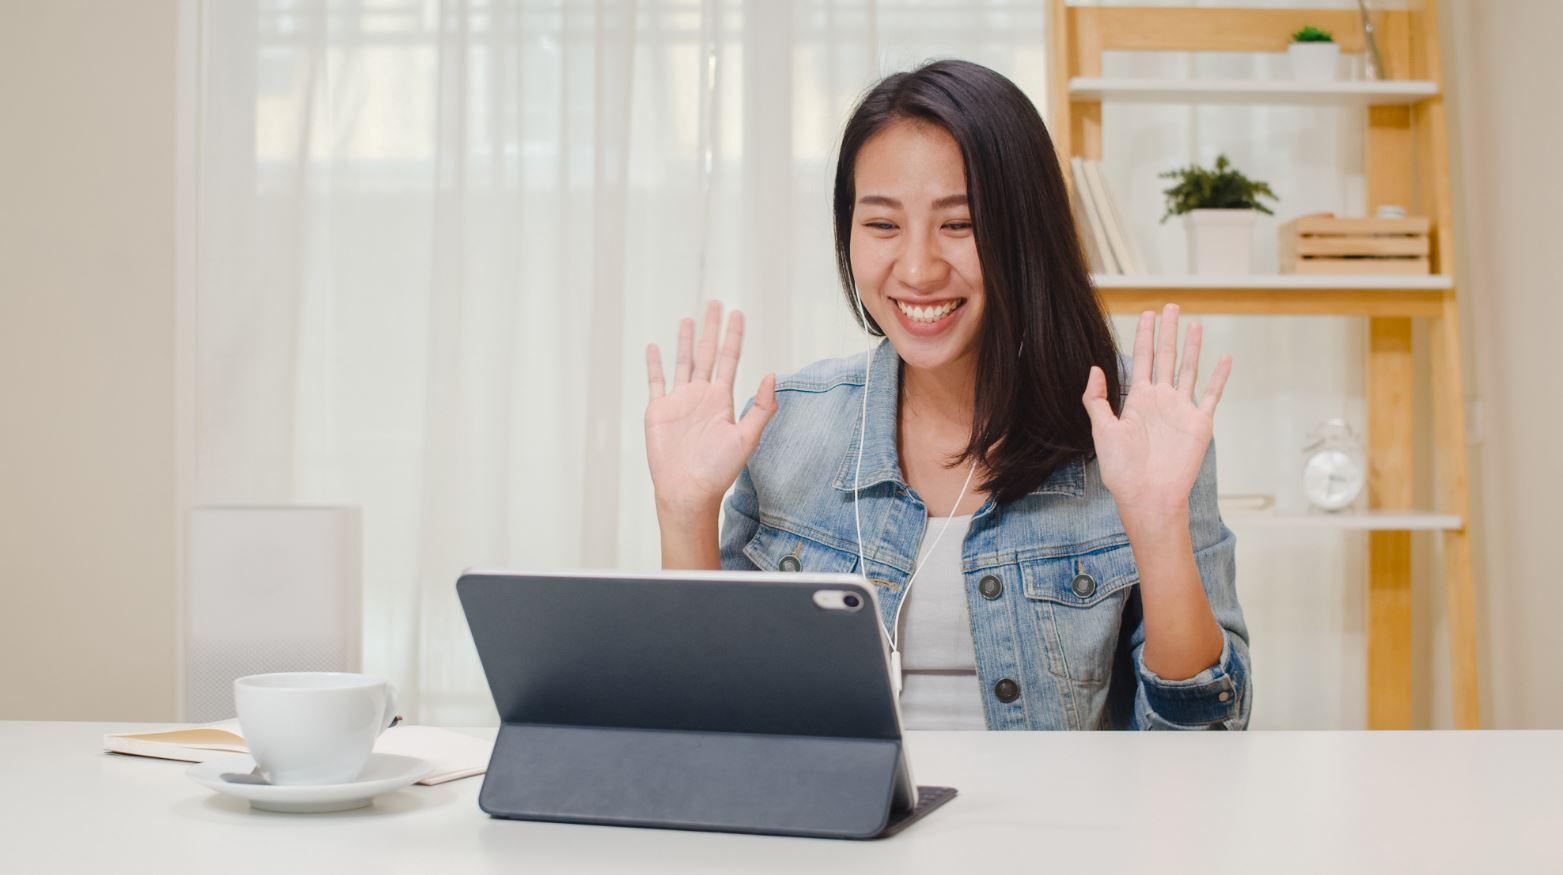 搭橋聊天室|10個讓彼此零距離的視訊會議遊戲 (上)